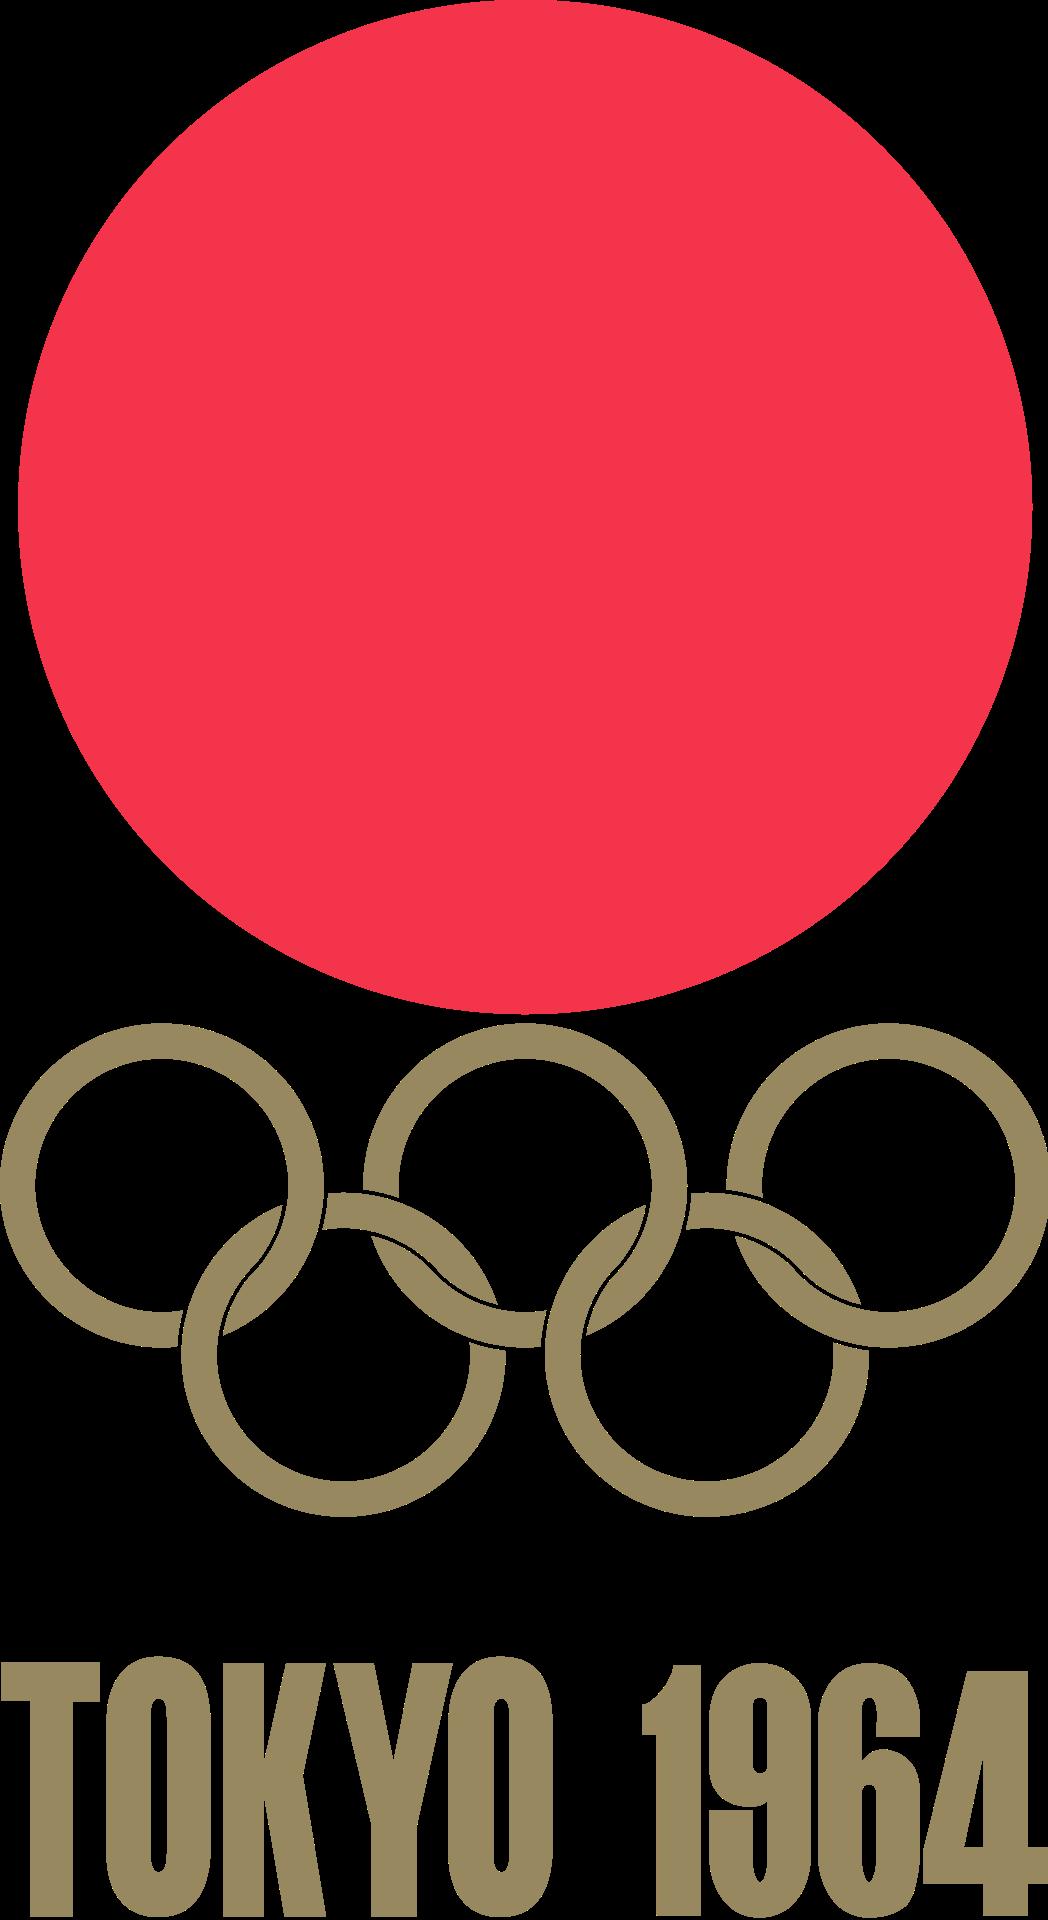 東京オリンピックの最終聖火ランナー誰がいいですか?